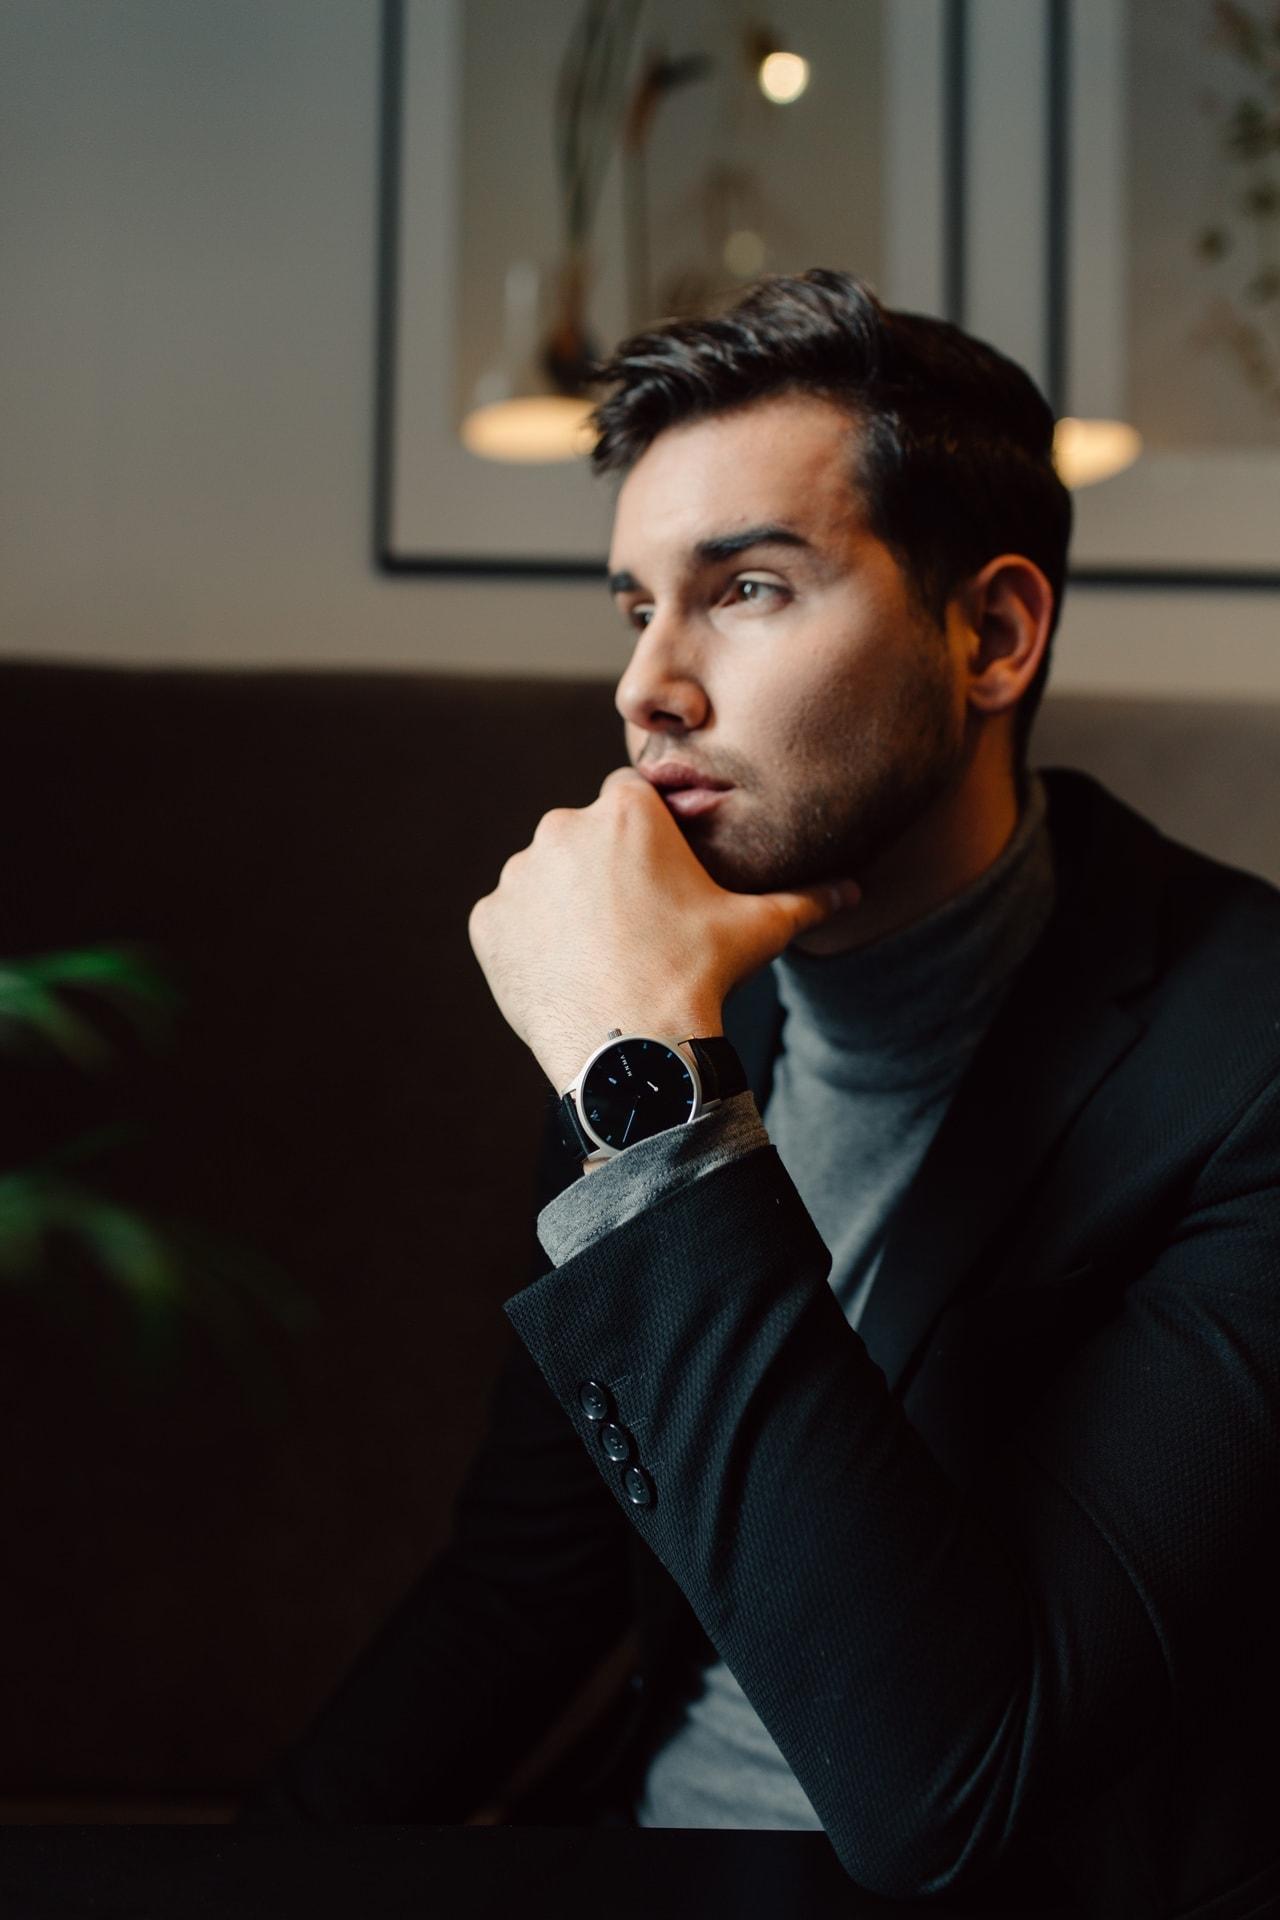 Mann der eine dunkle Herrenuhr trägt zum eleganten Outfti